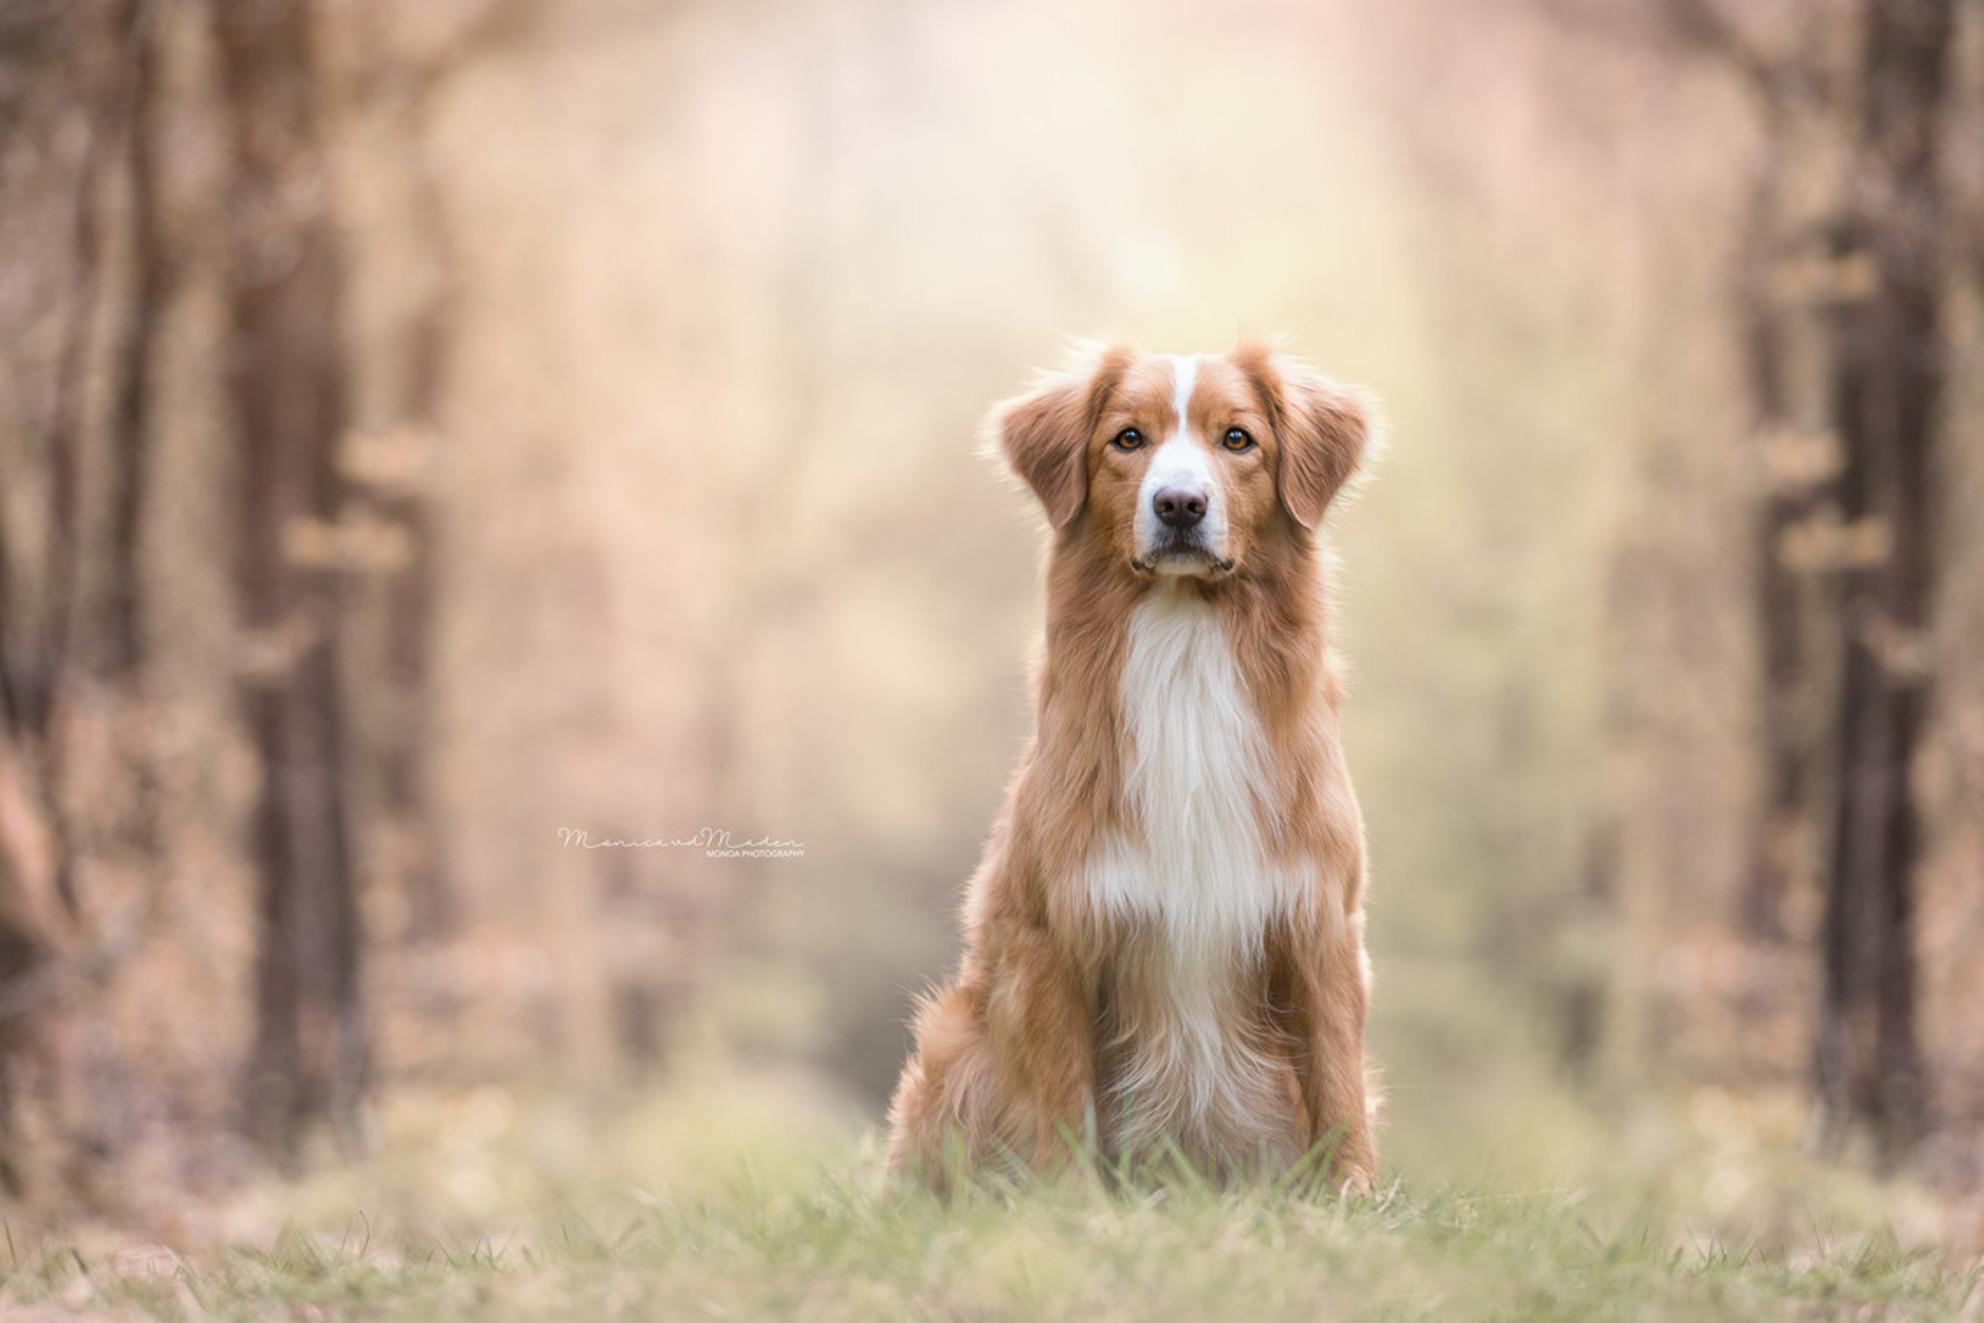 Love - Een Novia Scotia Duck Tolling Retriever.. - foto door monicavdm op 19-05-2017 - deze foto bevat: portret, dieren, huisdier, bos, hond, ogen, nikon, ras, zacht, pastel - Deze foto mag gebruikt worden in een Zoom.nl publicatie